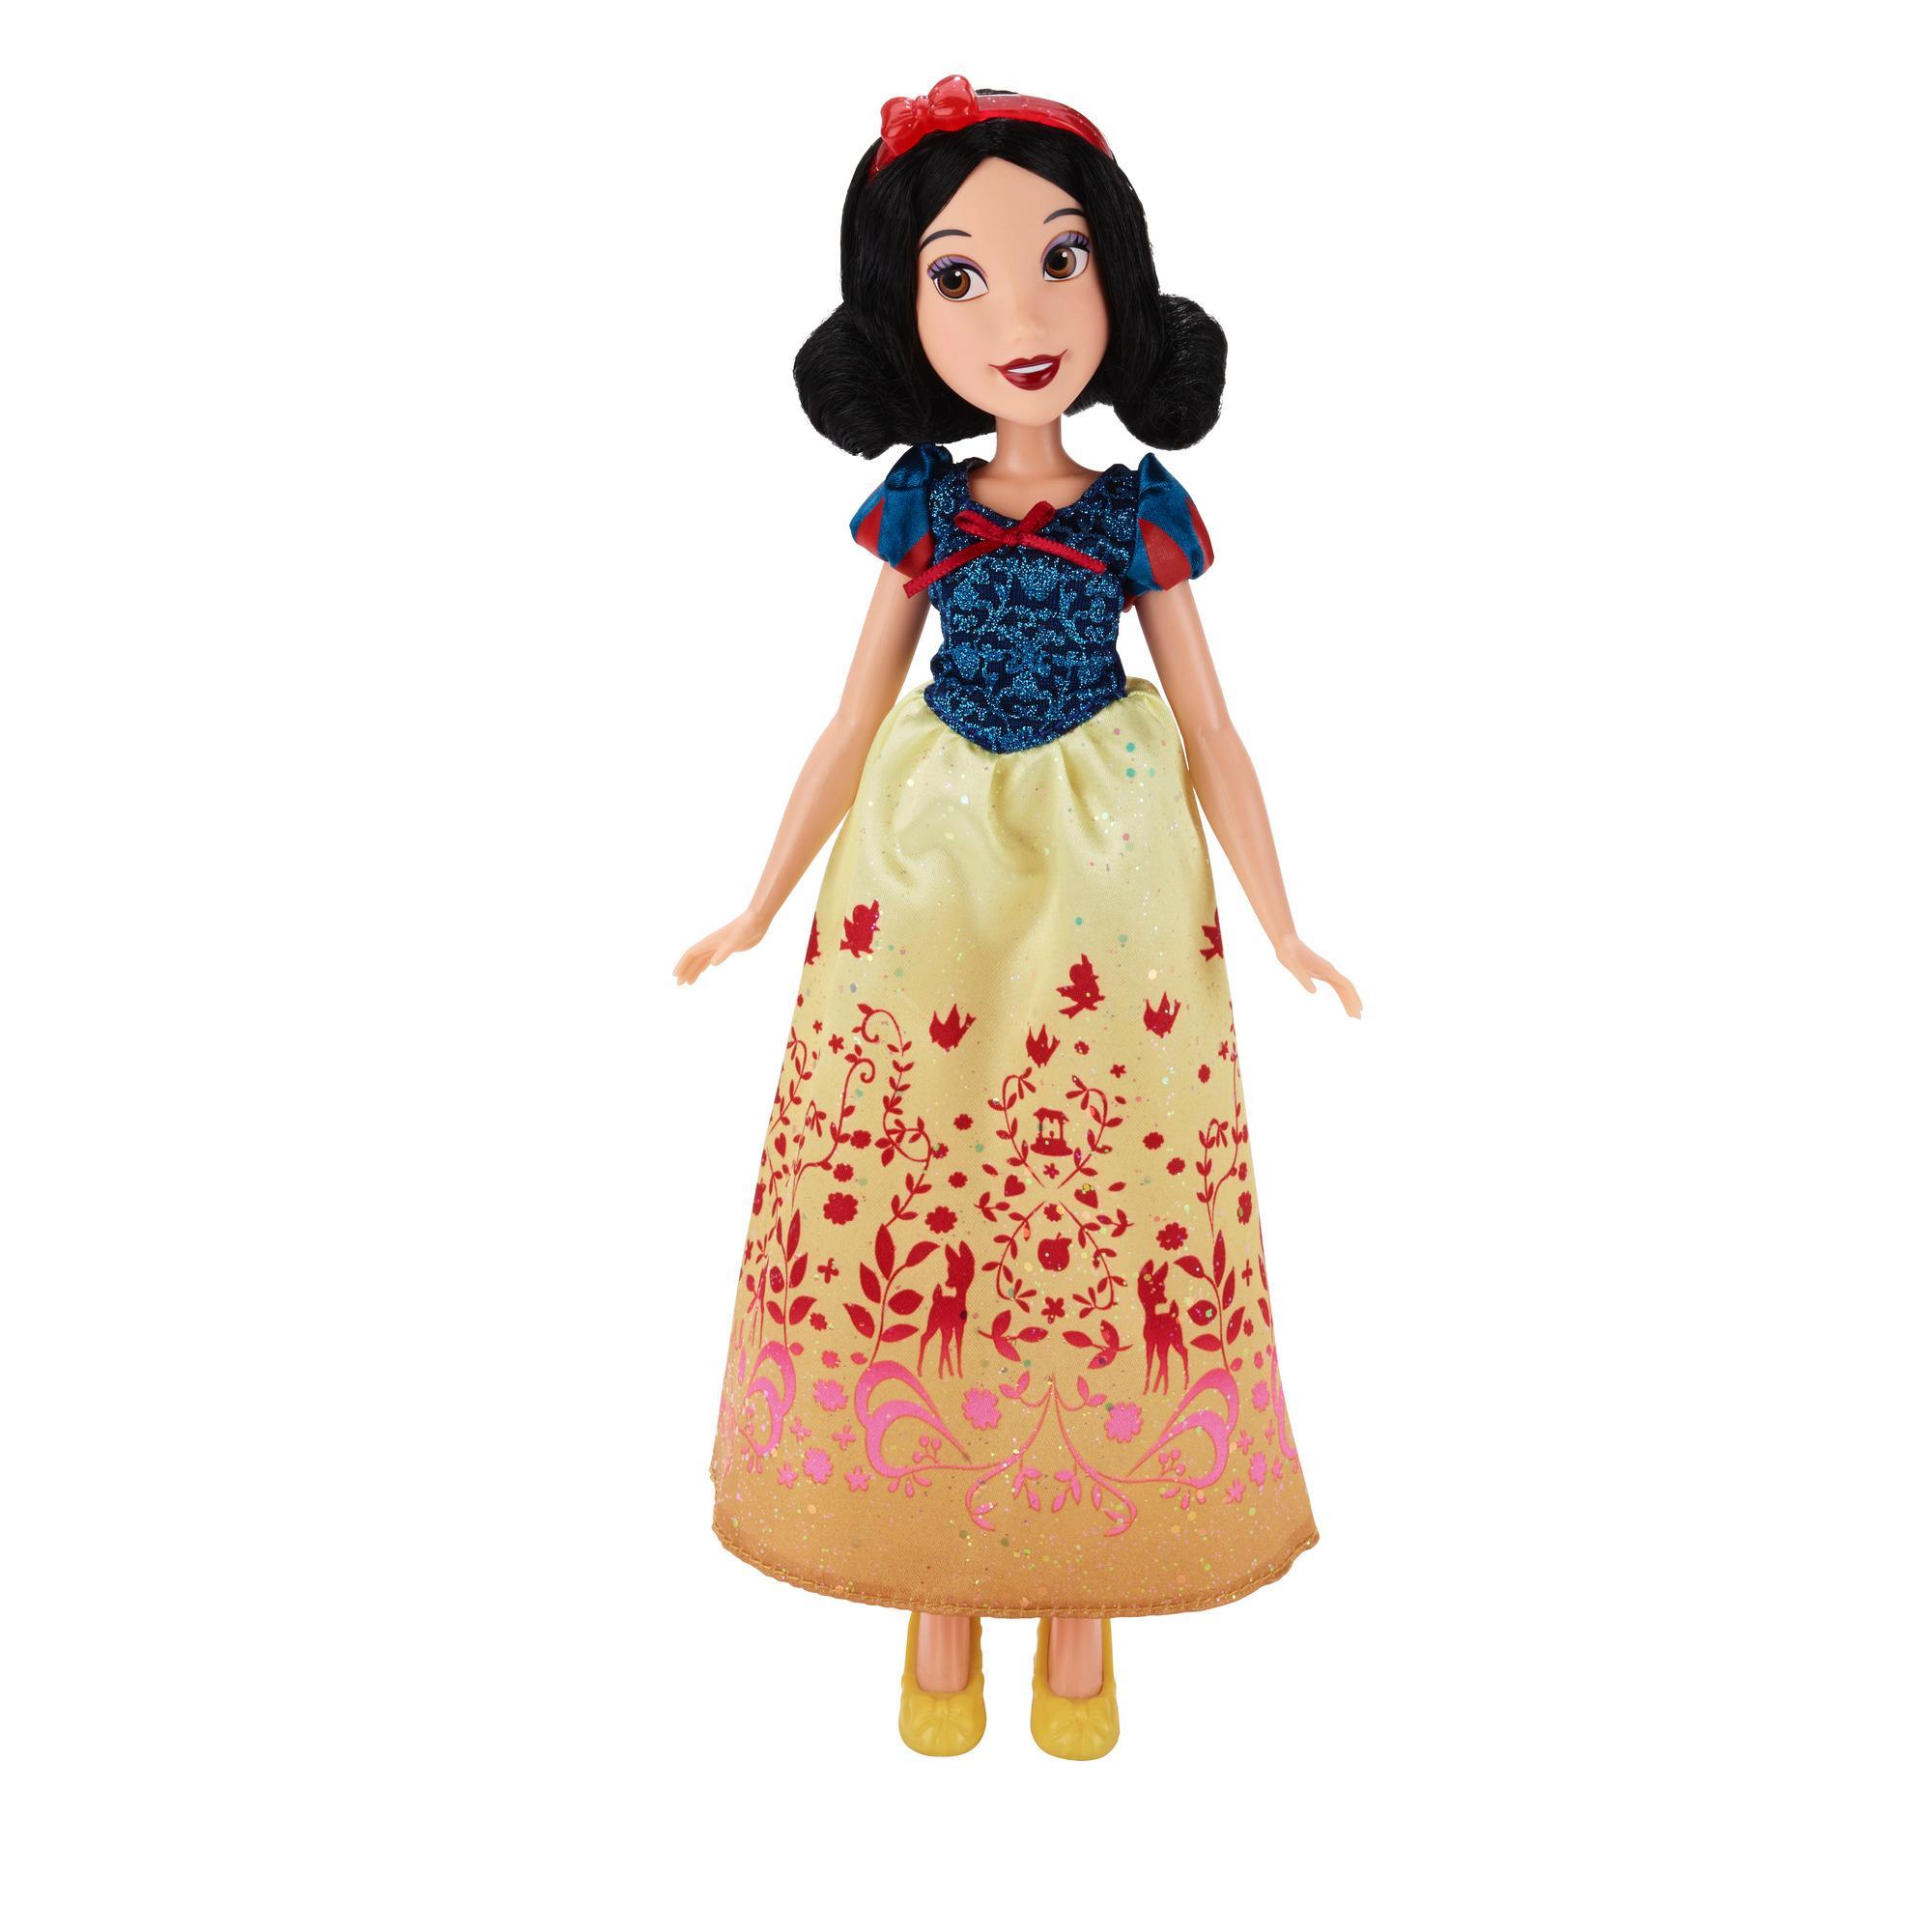 迪士尼公主 - 白雪公主